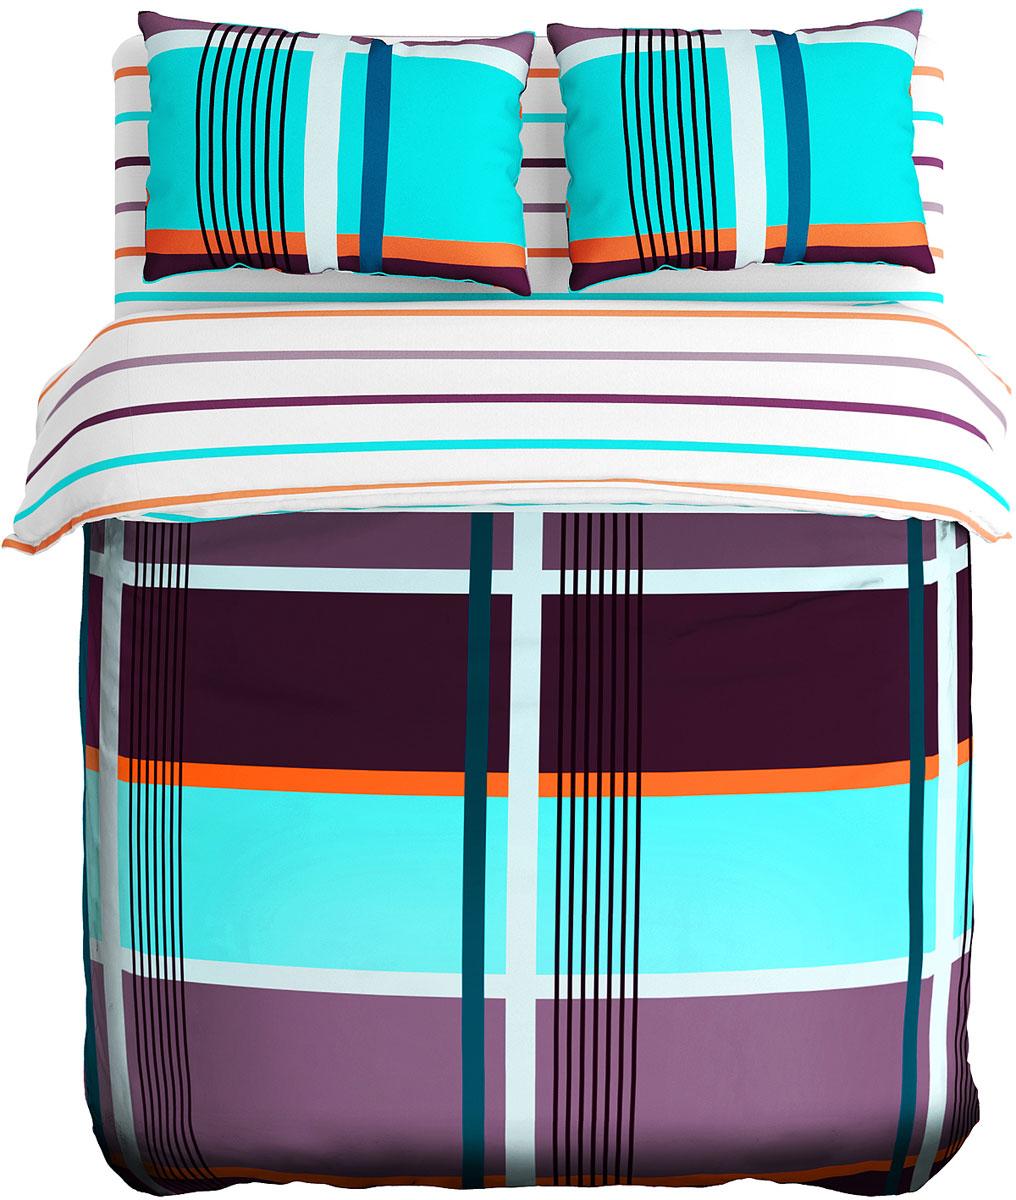 Комплект белья Сирень Для него, 1,5-спальный, наволочки 50x70 смКПБМ-10432Комплект постельного белья Сирень выполнен из прочной и мягкой ткани. Четкий и стильный рисунок в сочетании с насыщенными красками делают комплект постельного белья неповторимой изюминкой любого интерьера. Постельное белье идеально подойдет для подарка. Идеальное соотношение смешенной ткани и гипоаллергенных красок это гарантия здорового, спокойного сна.Ткань хорошо впитывает влагу, надолго сохраняет яркость красок. Цвет простыни, пододеяльника, наволочки в комплектации может немного отличаться от представленного на фото.В комплект входят: простыня - 150х220см; пододельяник 145х210 см; наволочка - 50х70х2шт.Постельное белье легко стирать при 30-40 градусах, гладить при 150 градусах, не отбеливать. Рекомендуется перед первым использованием постирать.